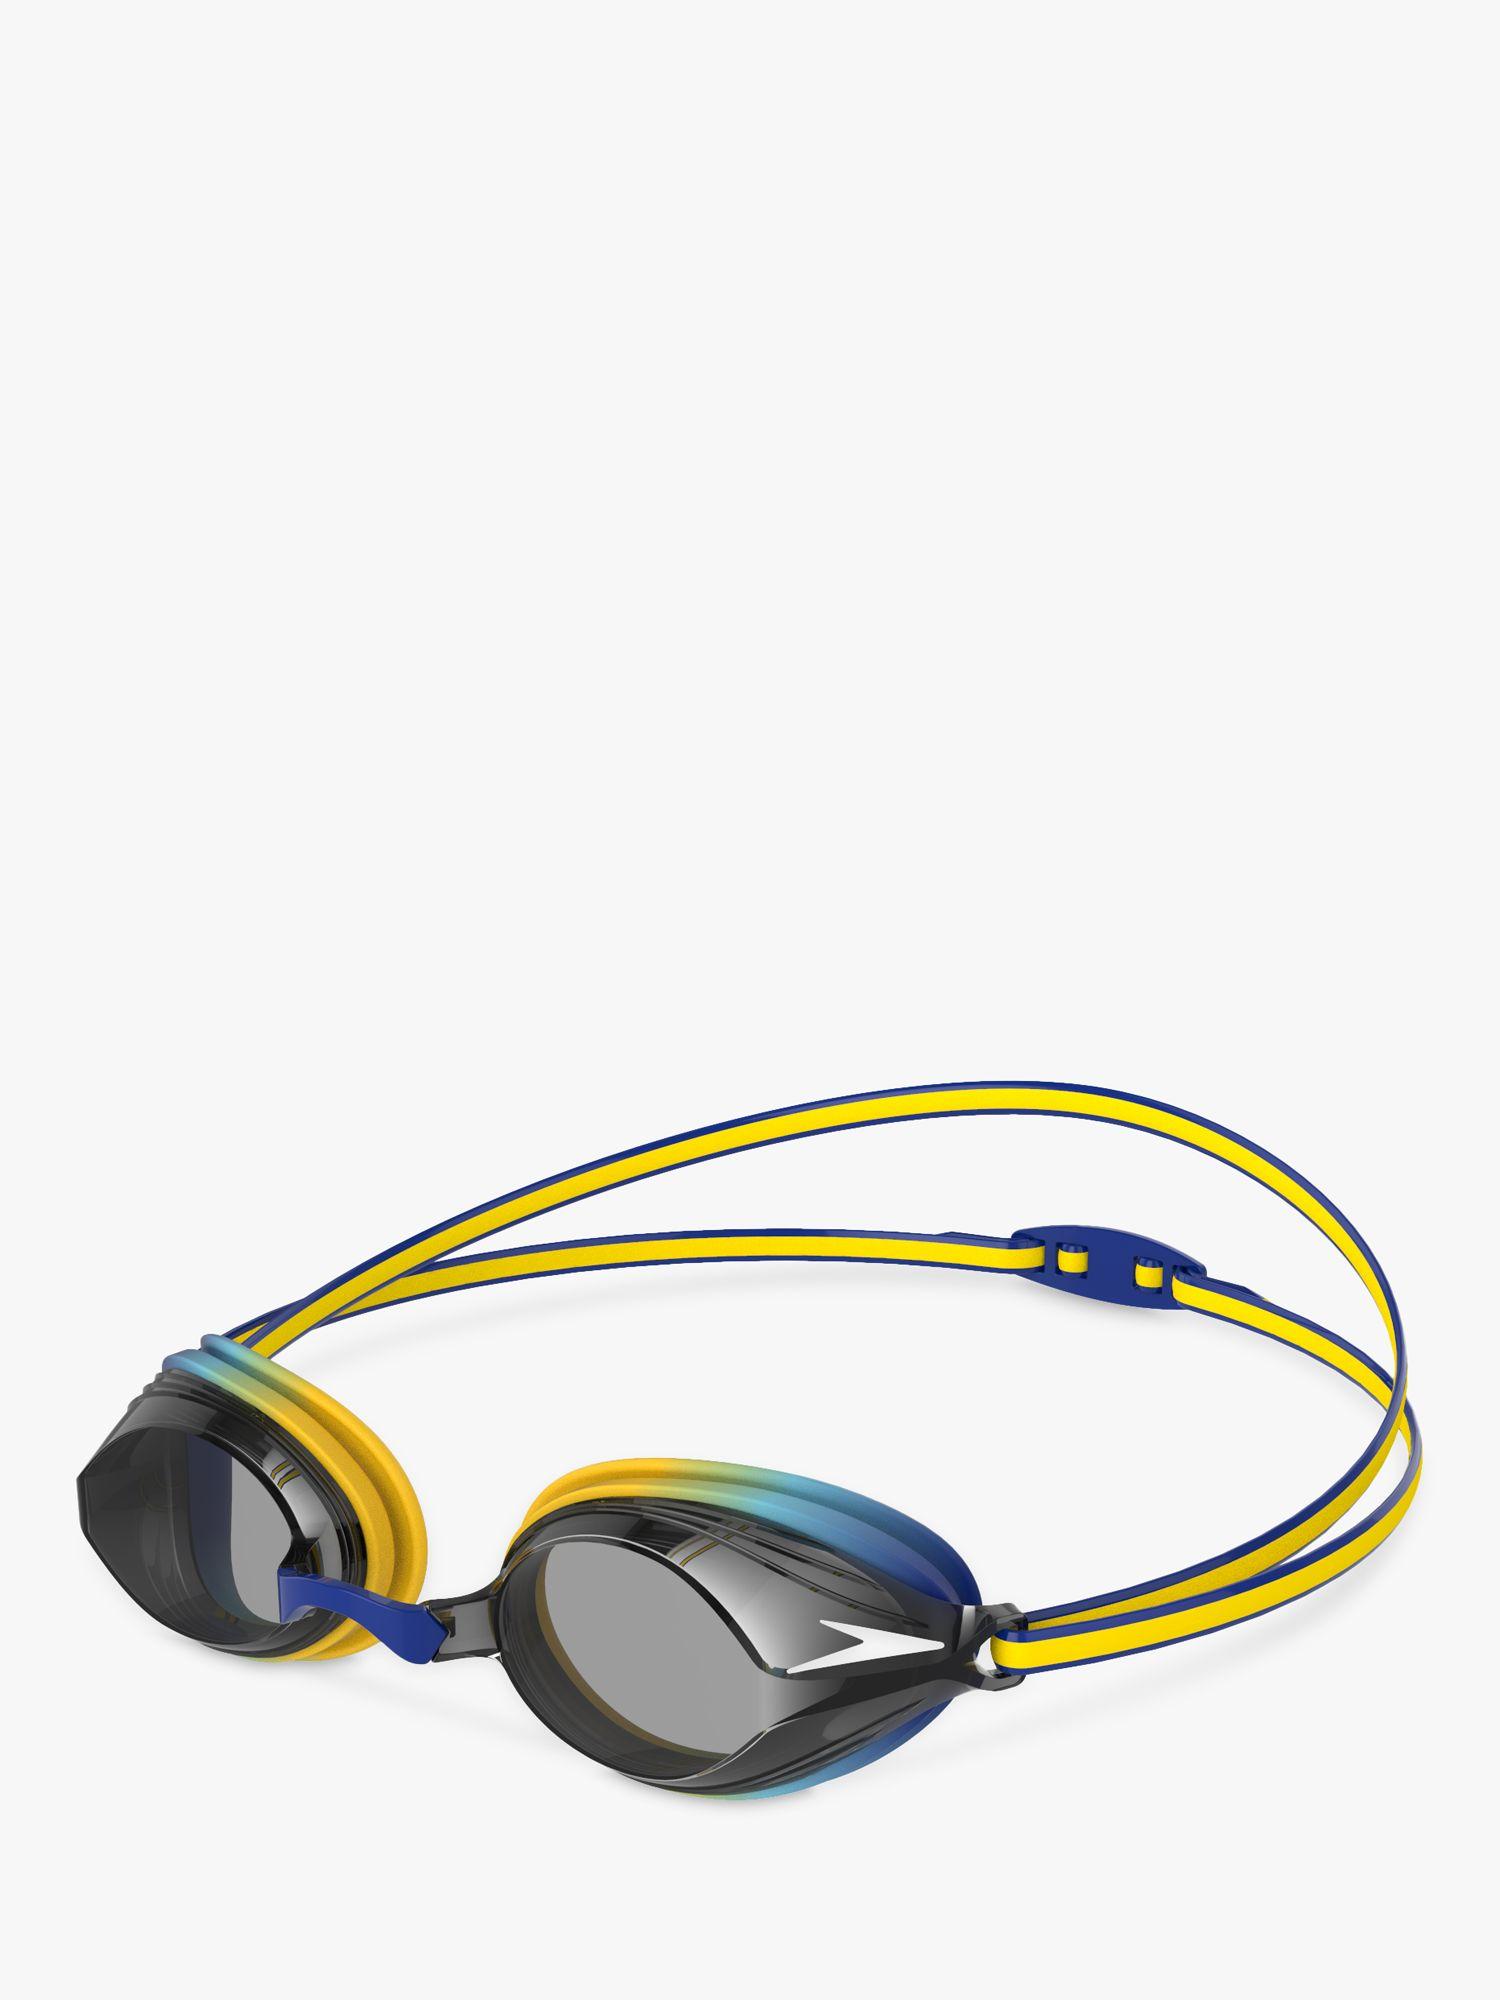 Speedo Speedo Vengeance Junior Swimming Goggles, Yellow